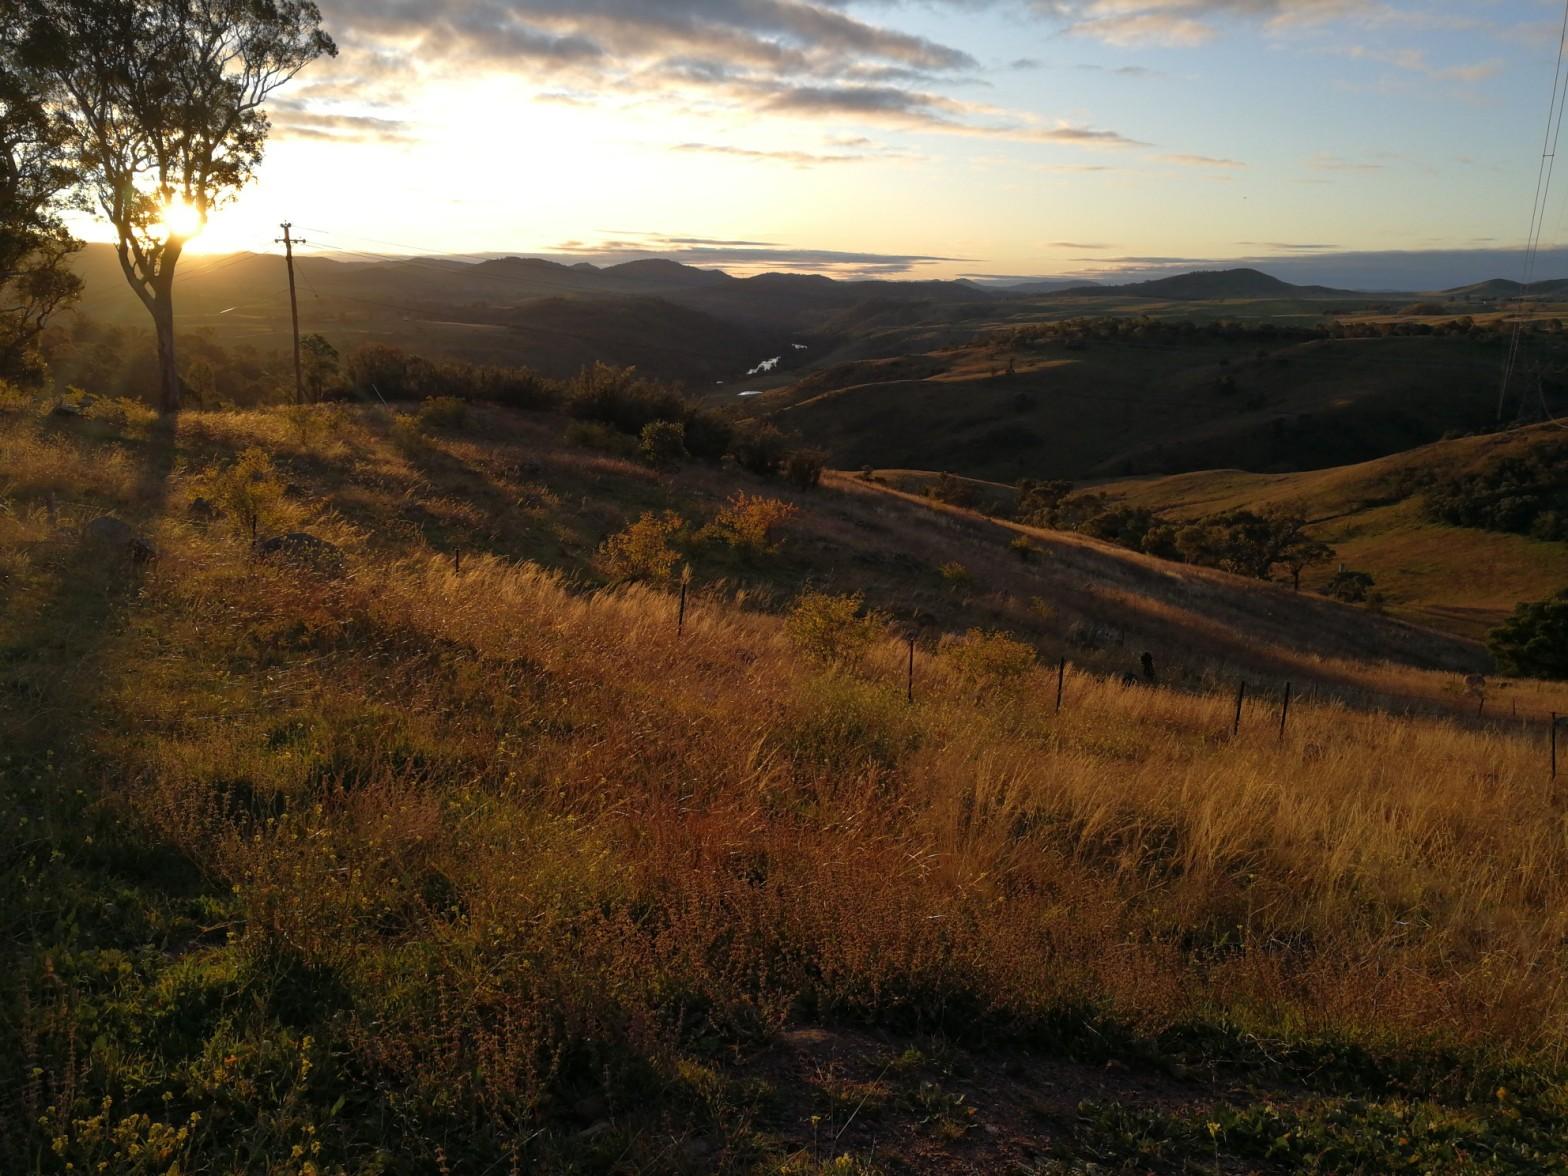 Murrumbidgee River Corridor, Stockdill Drive, West Belconnen, Canberra